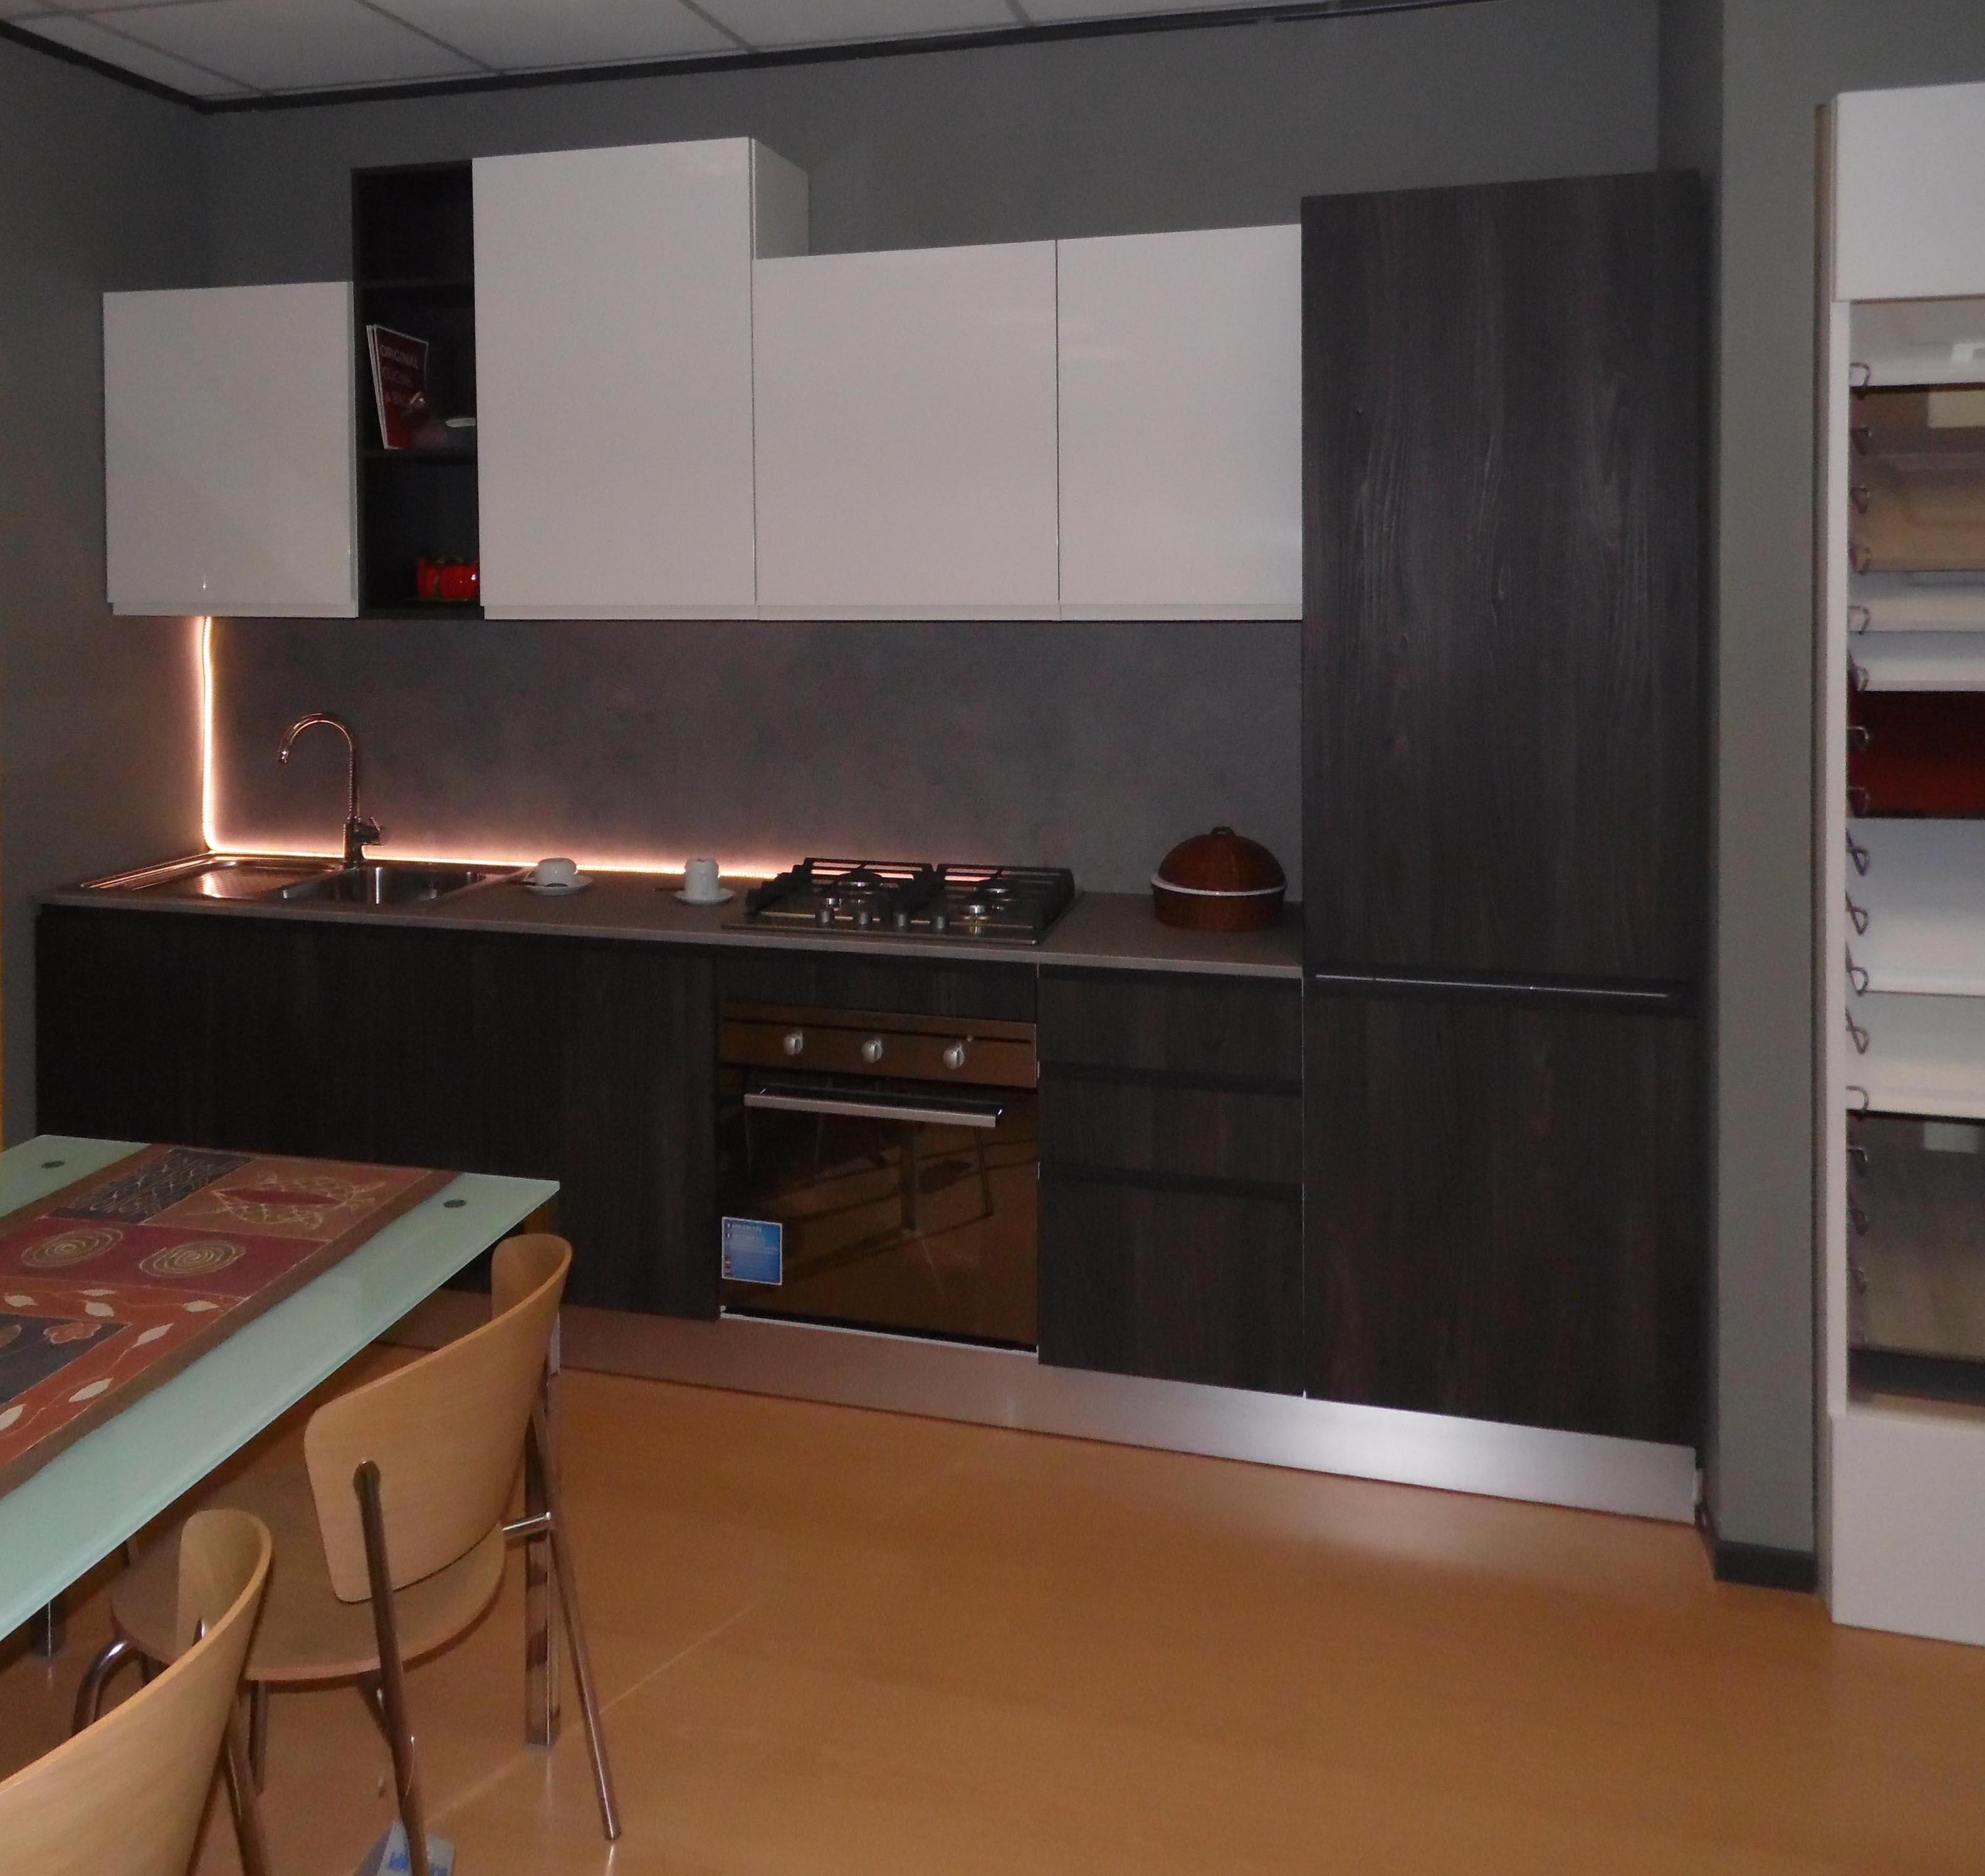 Cucine Astra Opinioni - Design Per La Casa - Lxab.co